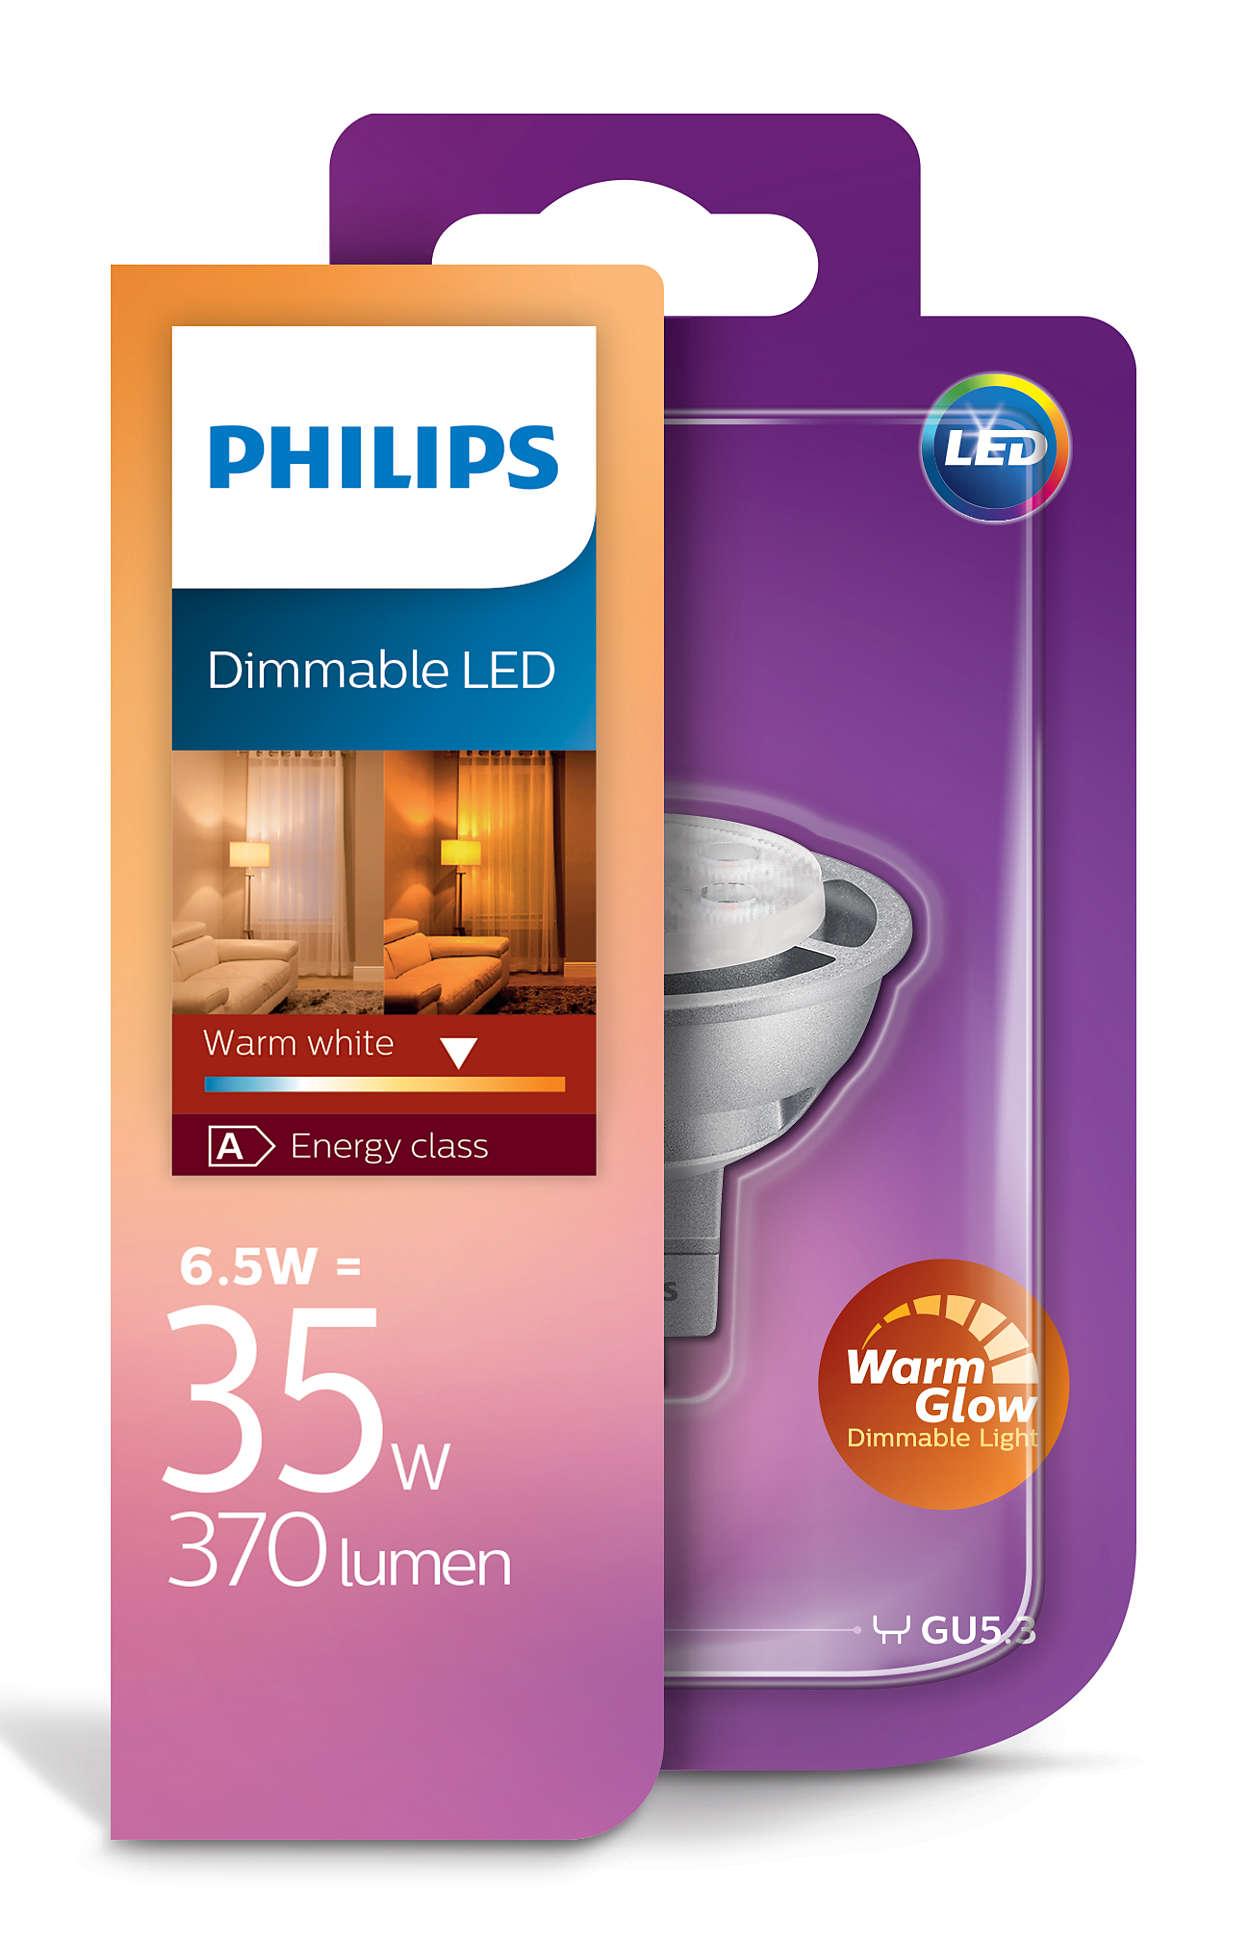 philips-led-gu5.3-6.5W Verwunderlich Led Birnen Gu5 3 Dekorationen